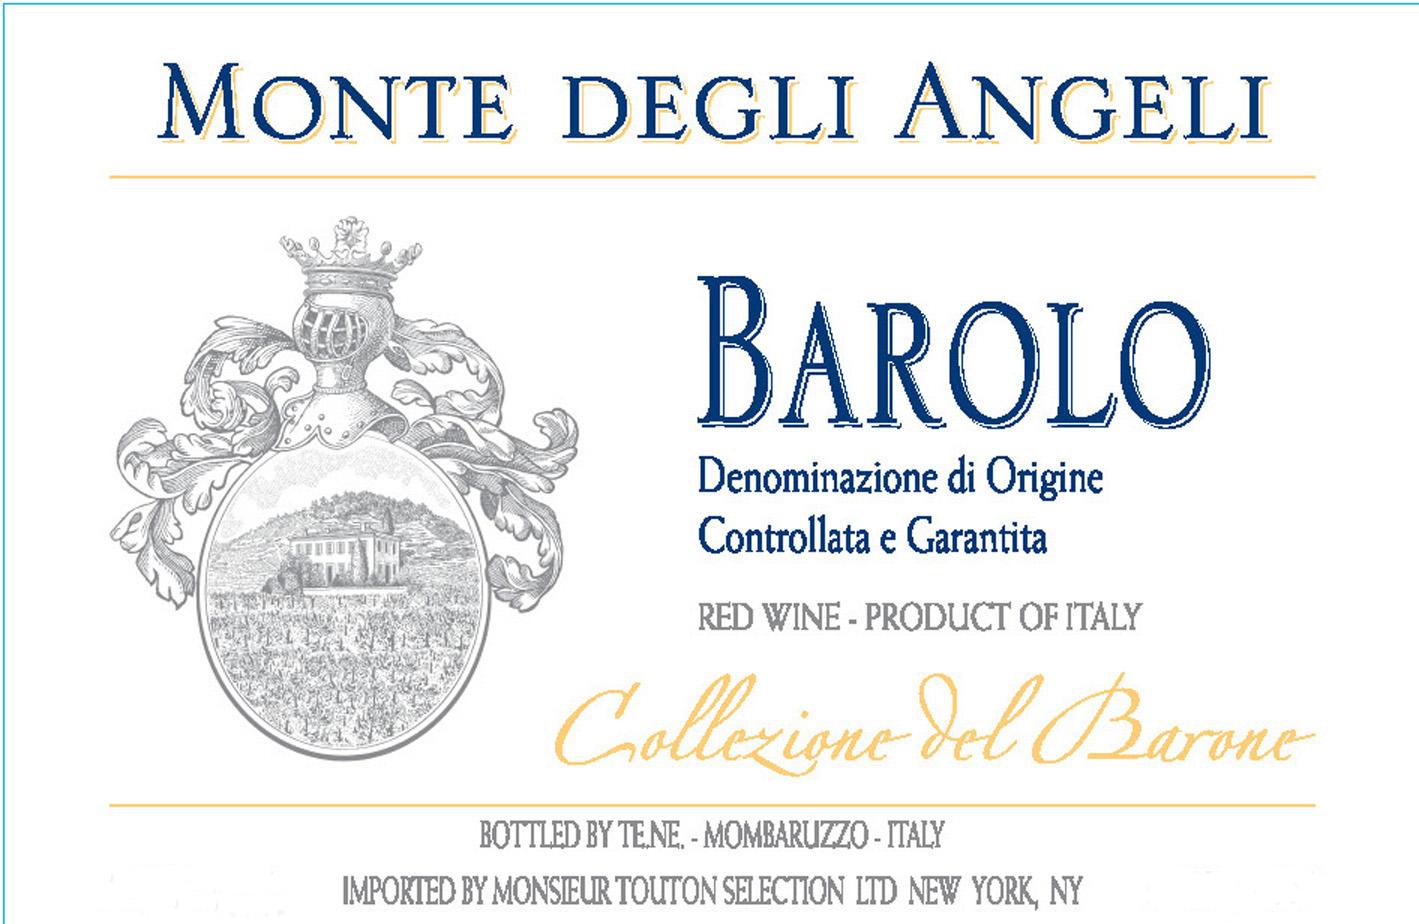 Monte Degli Angeli - Barolo